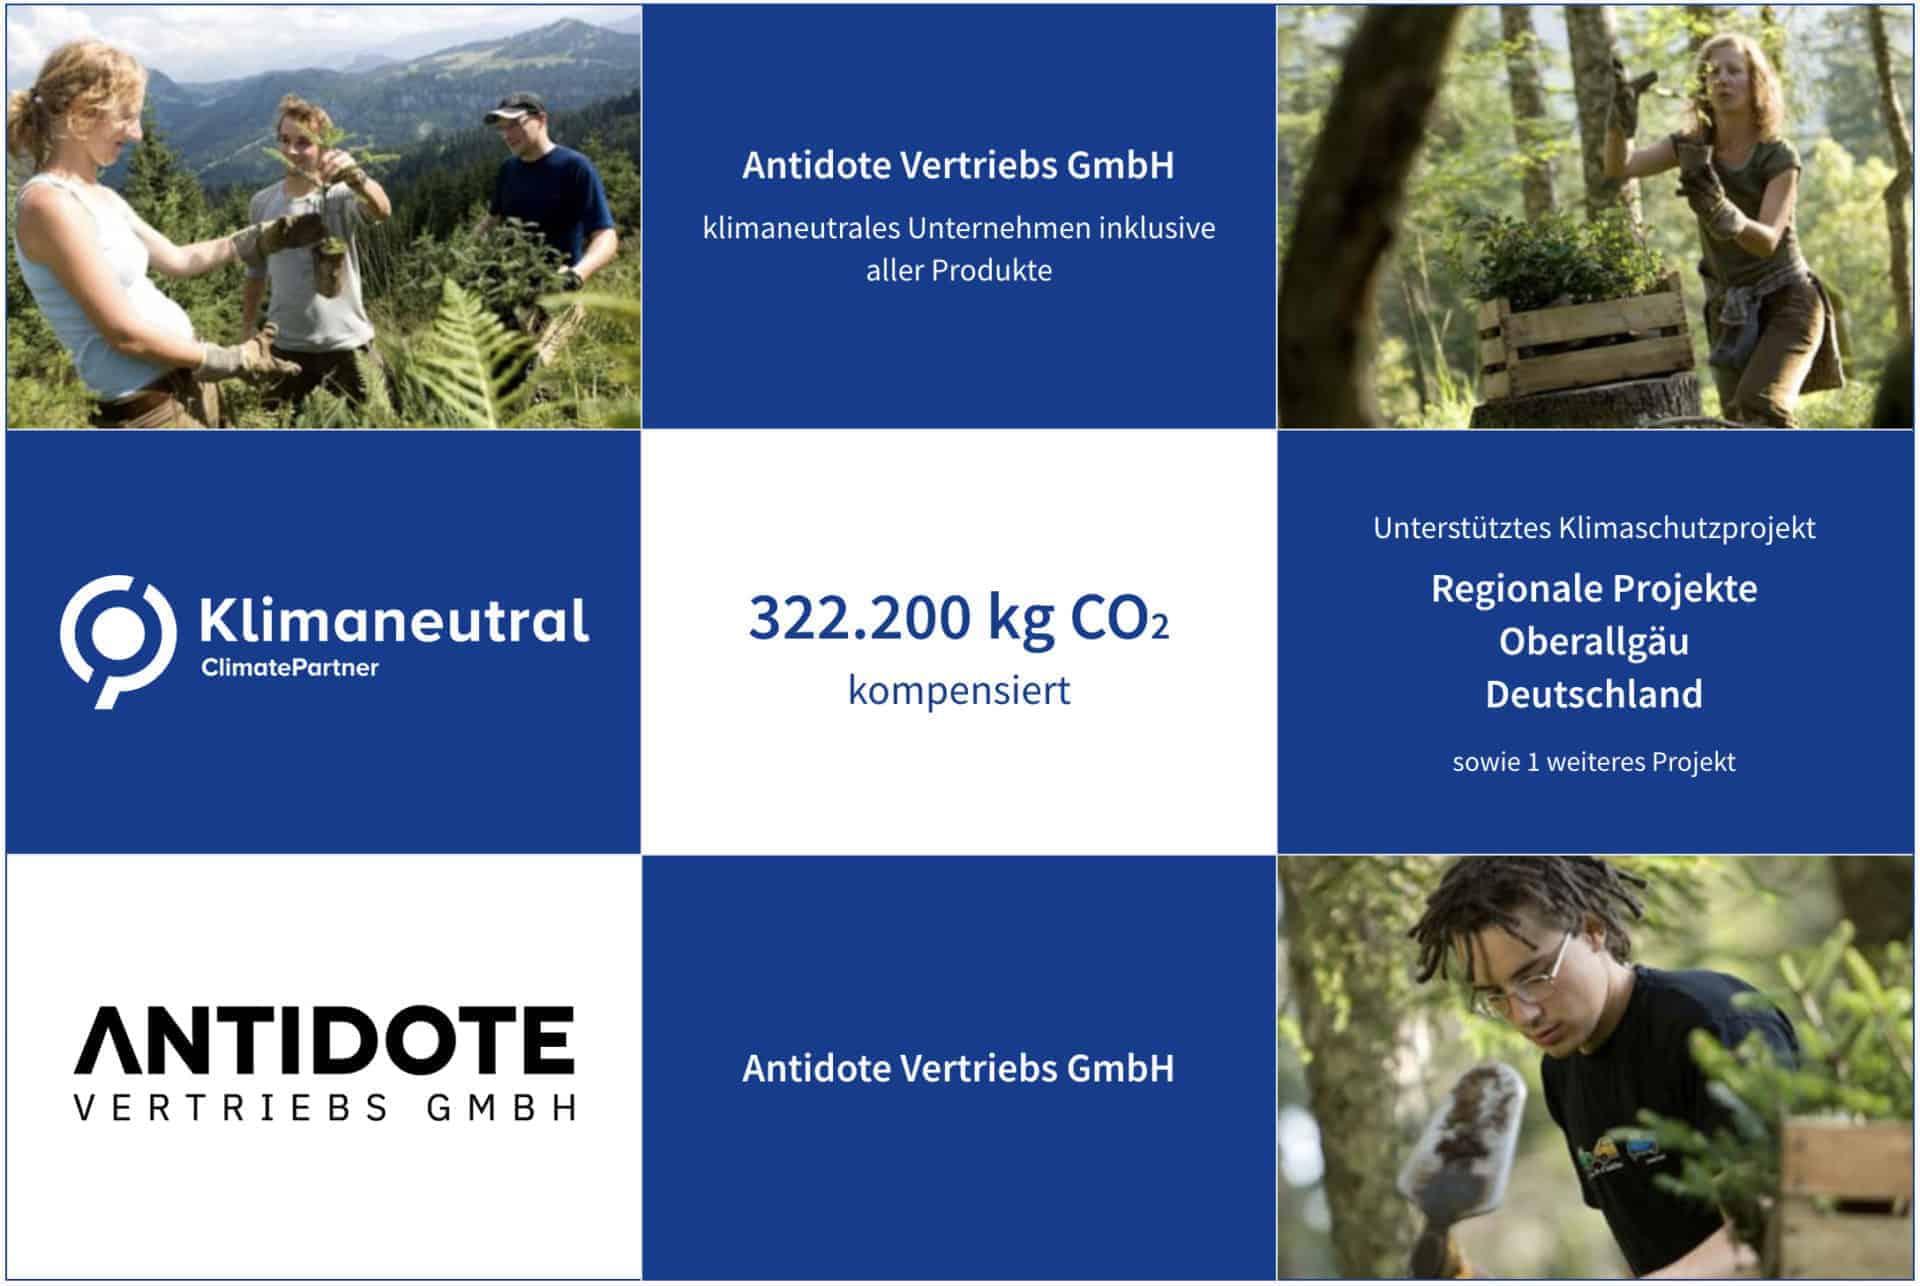 IDO ist ein klimaneutrales Unternehmen und wird von Climate Partner zertifiziert